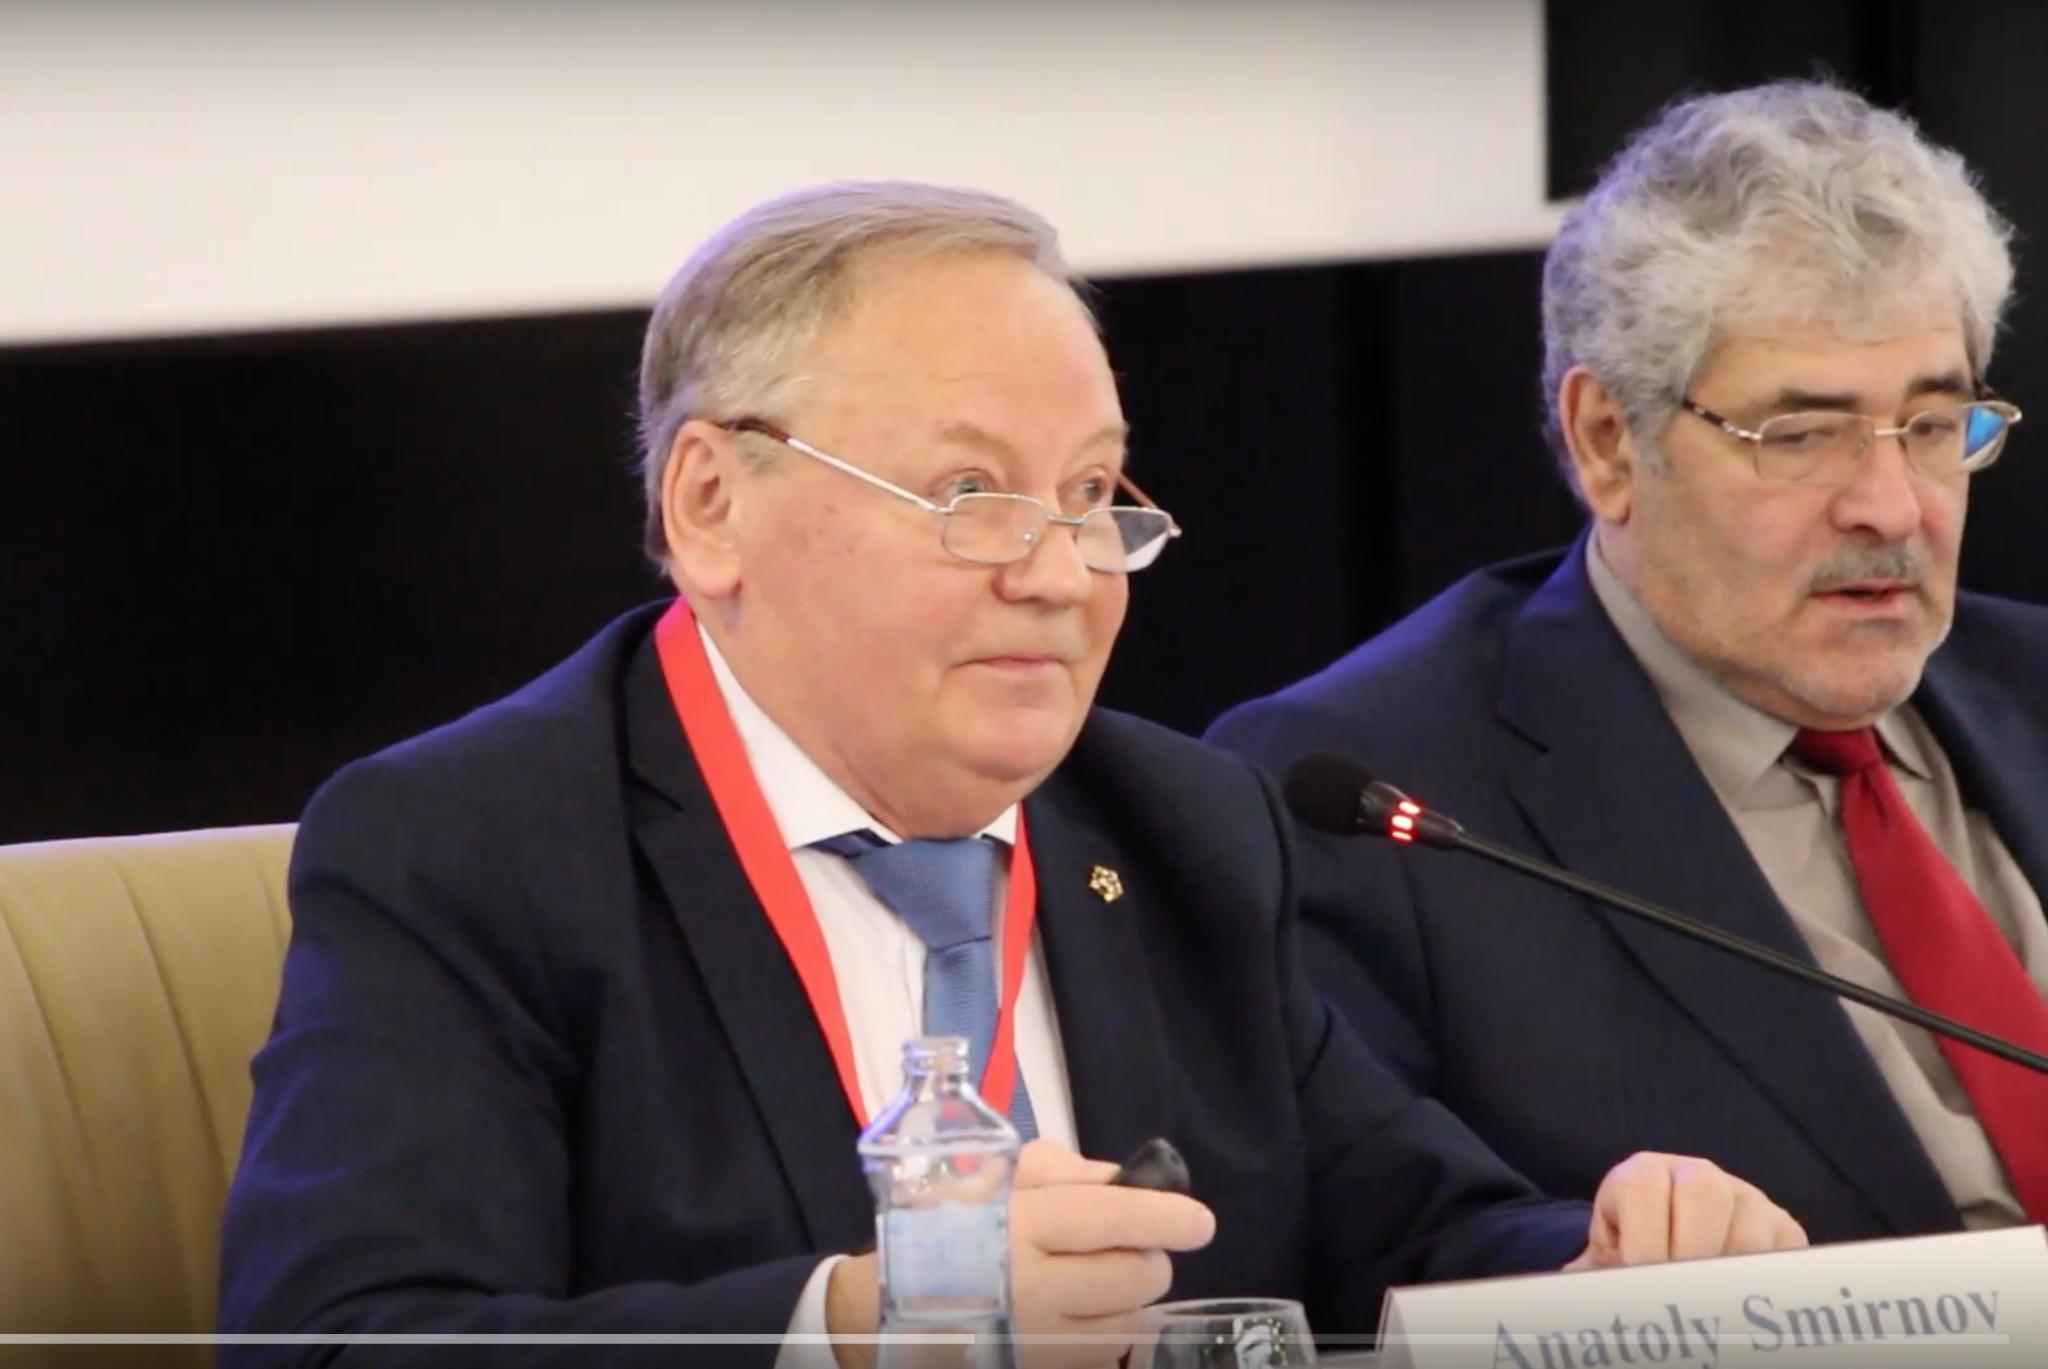 Медиафорум-2019 — Анатолий Смирнов: международное право не адаптировано к вызовам в области кибербезобасности